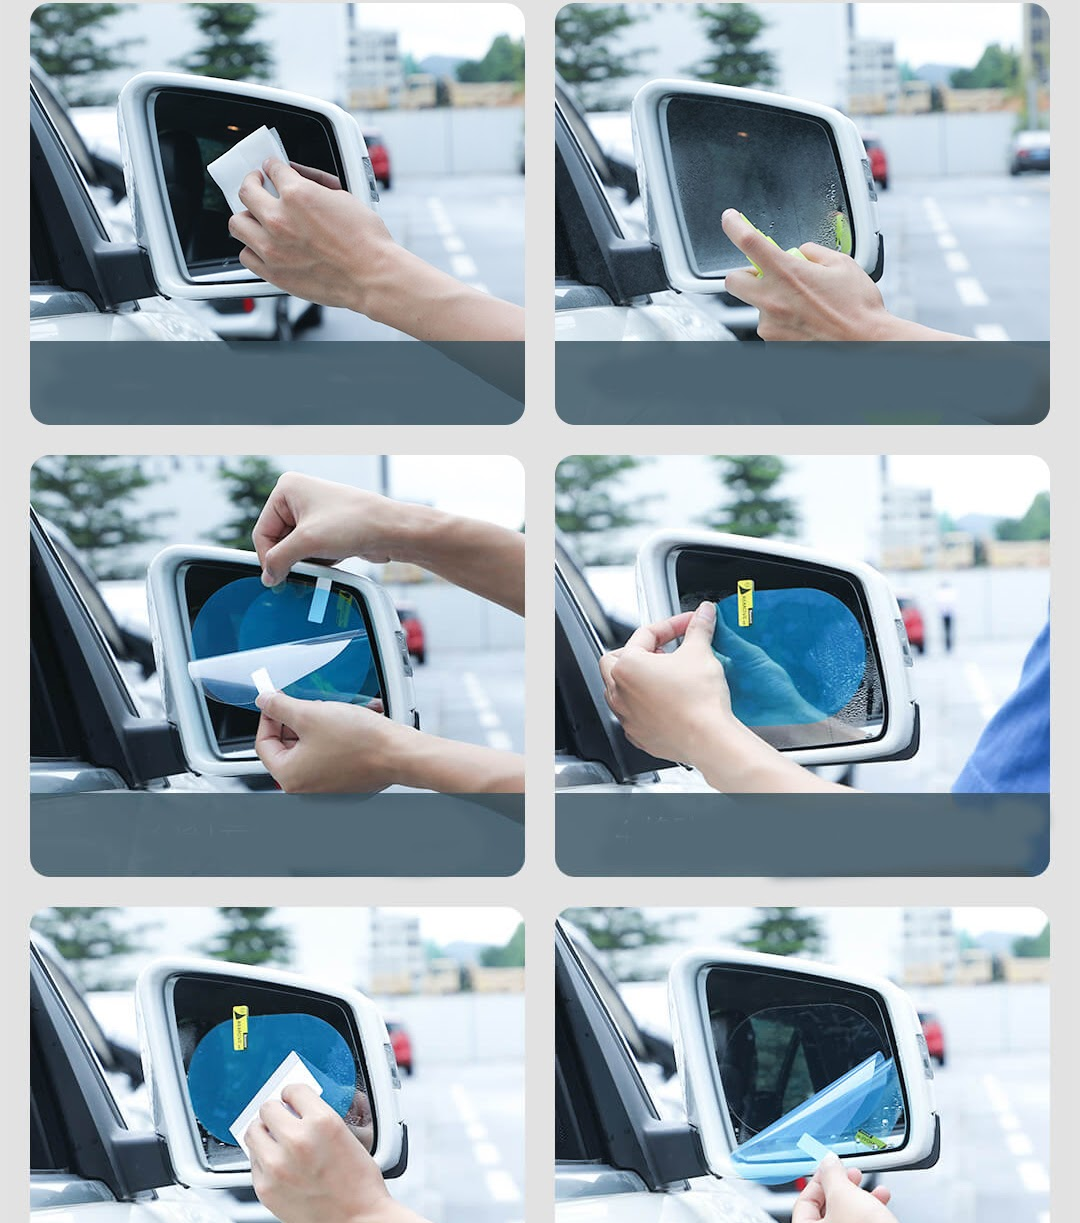 Bộ 2 miếng dán chống nước gương chiếu hậu ô tô Baseus